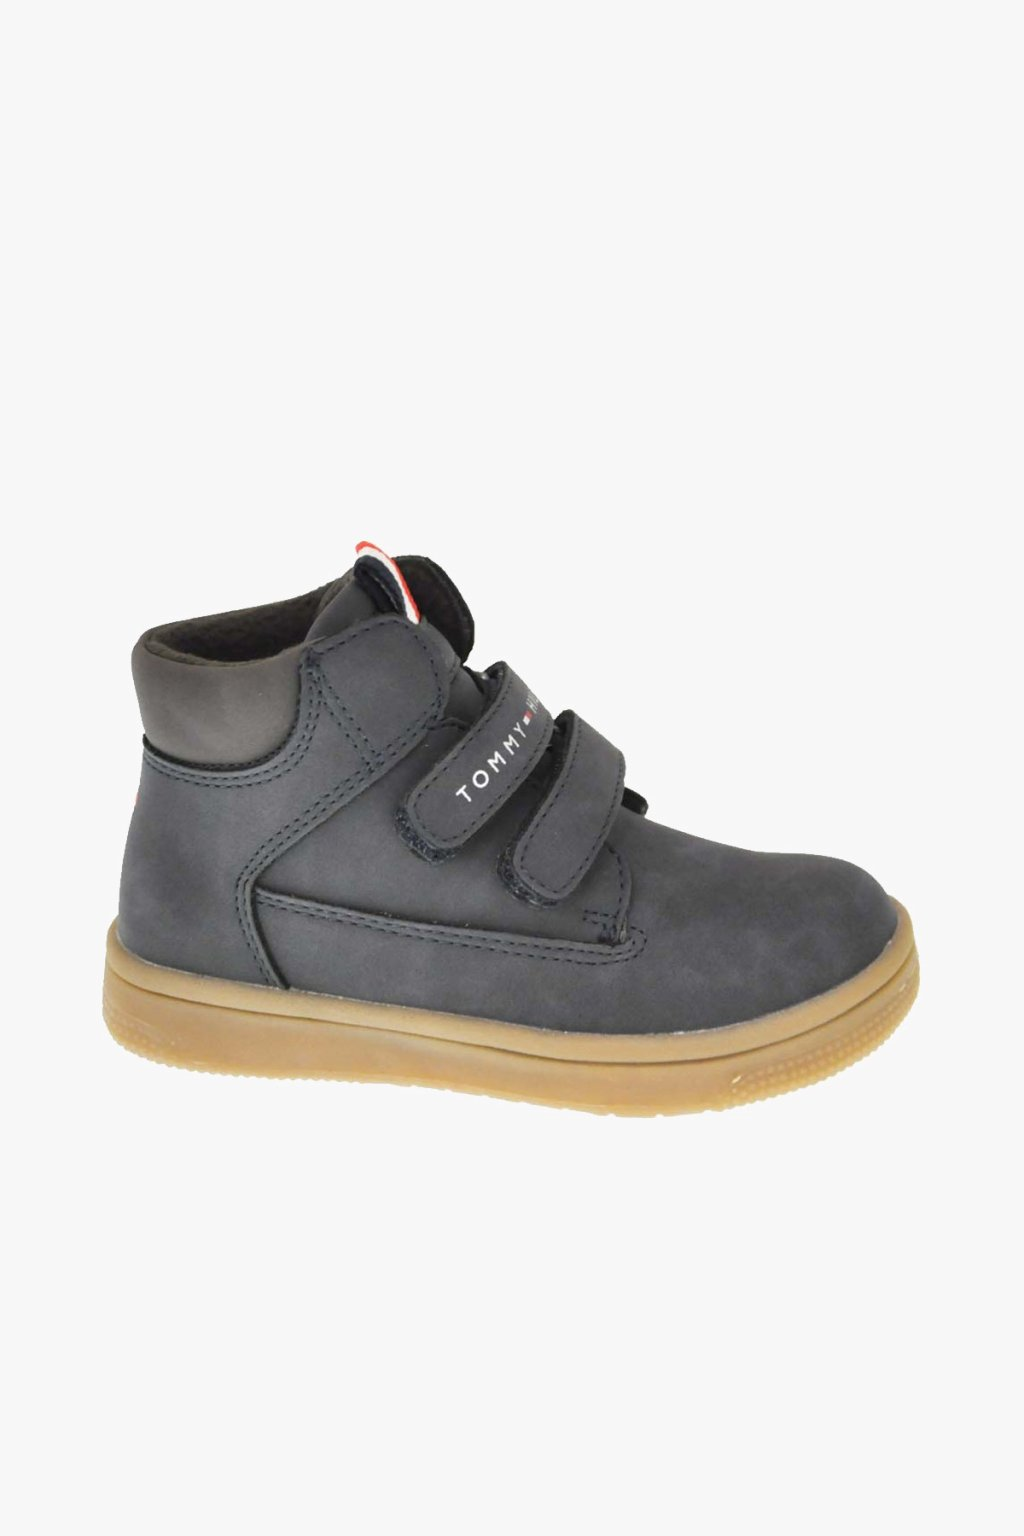 TOMMY HILFIGER - Celoroční kotníkové boty (Barva šedá, Velikost 34)